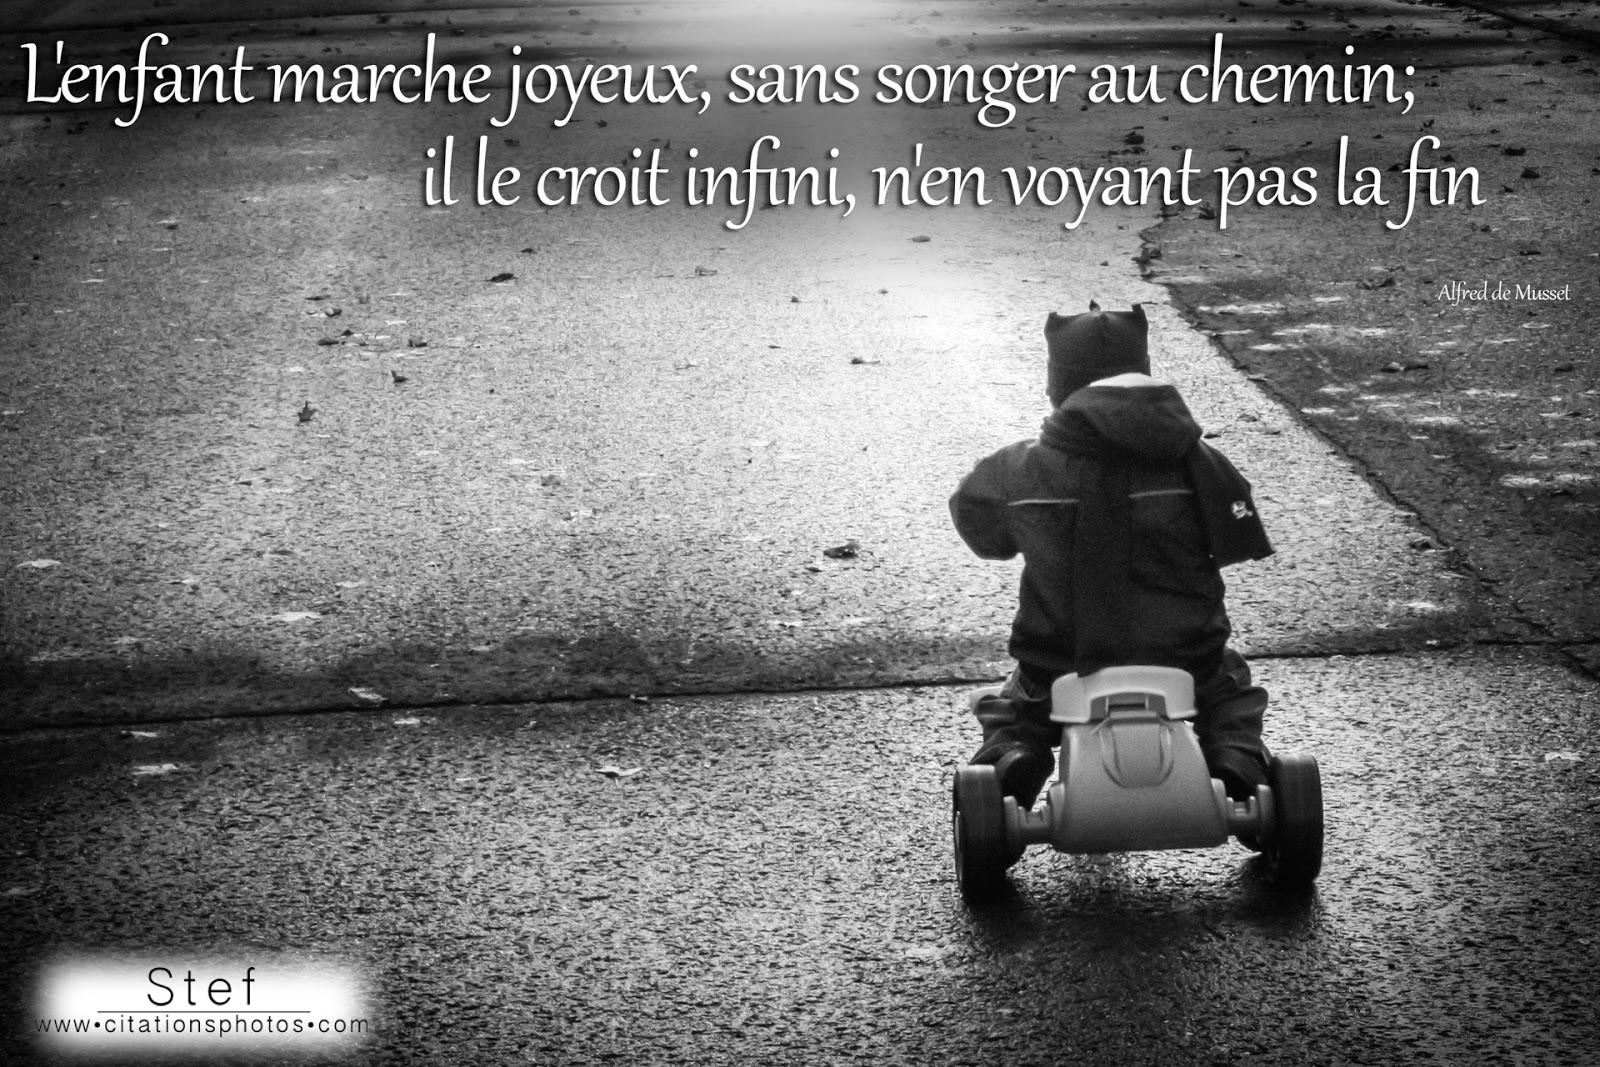 """"""" Prénom à Féter et Ephémérides du Jour """" - Page 17 _enfant+marche+joyeux+sans+songer+au+chemin+croit+infini+voyant+pas+fin"""